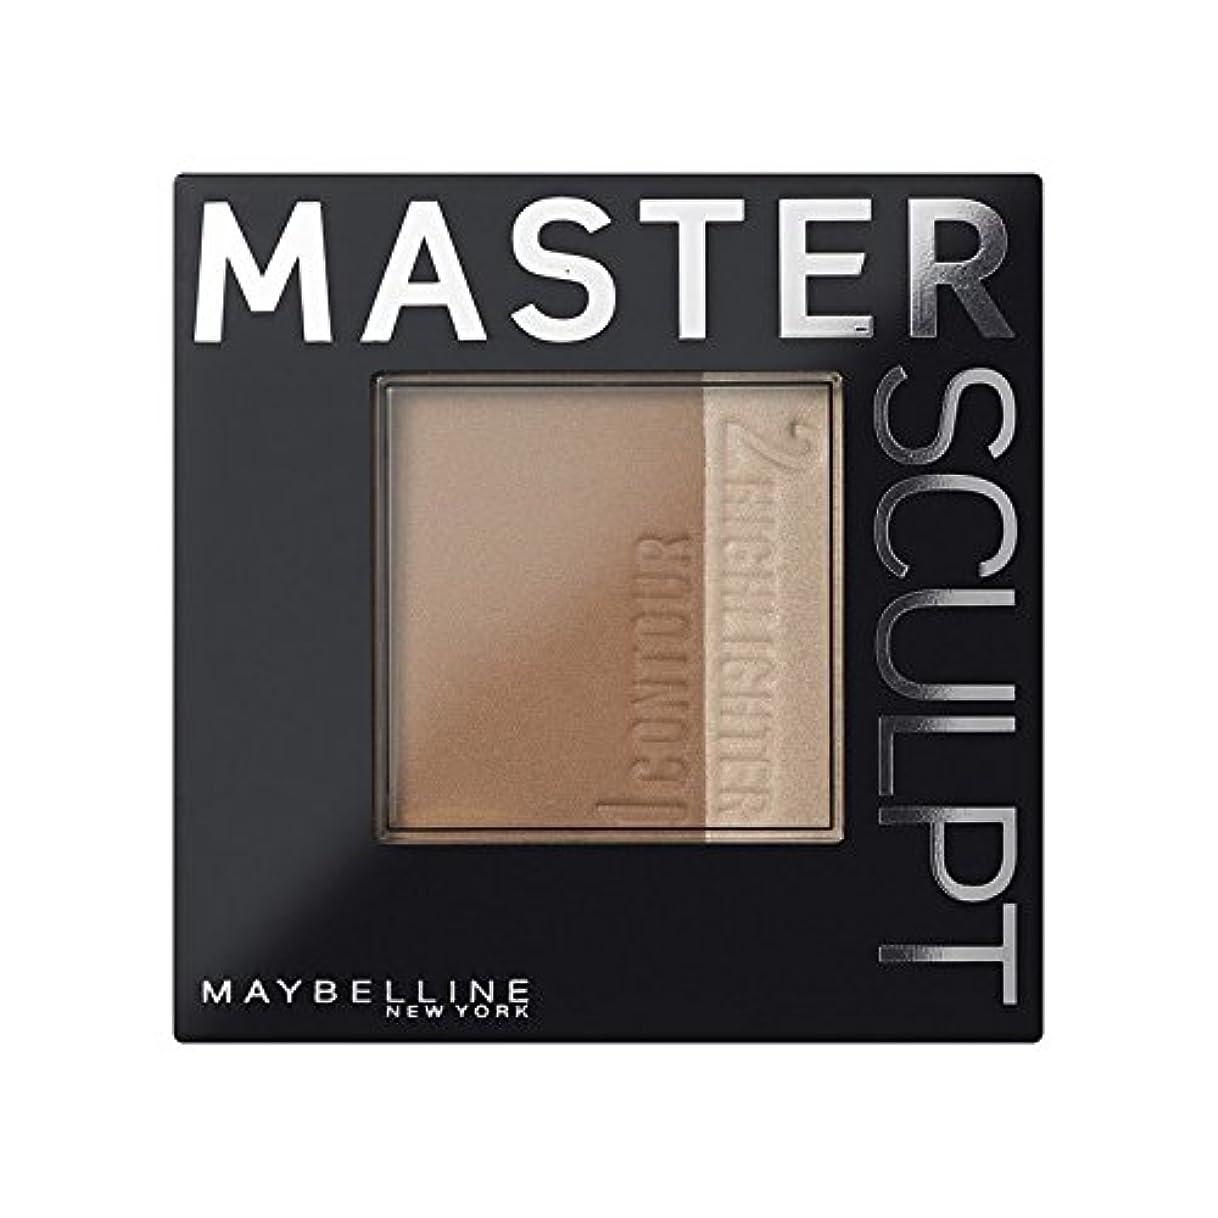 証言する上げるぐったり土台01光/ を輪郭メイベリンマスタースカルプト x4 - Maybelline Master Sculpt Contouring Foundation 01 Light/Med (Pack of 4) [並行輸入品]